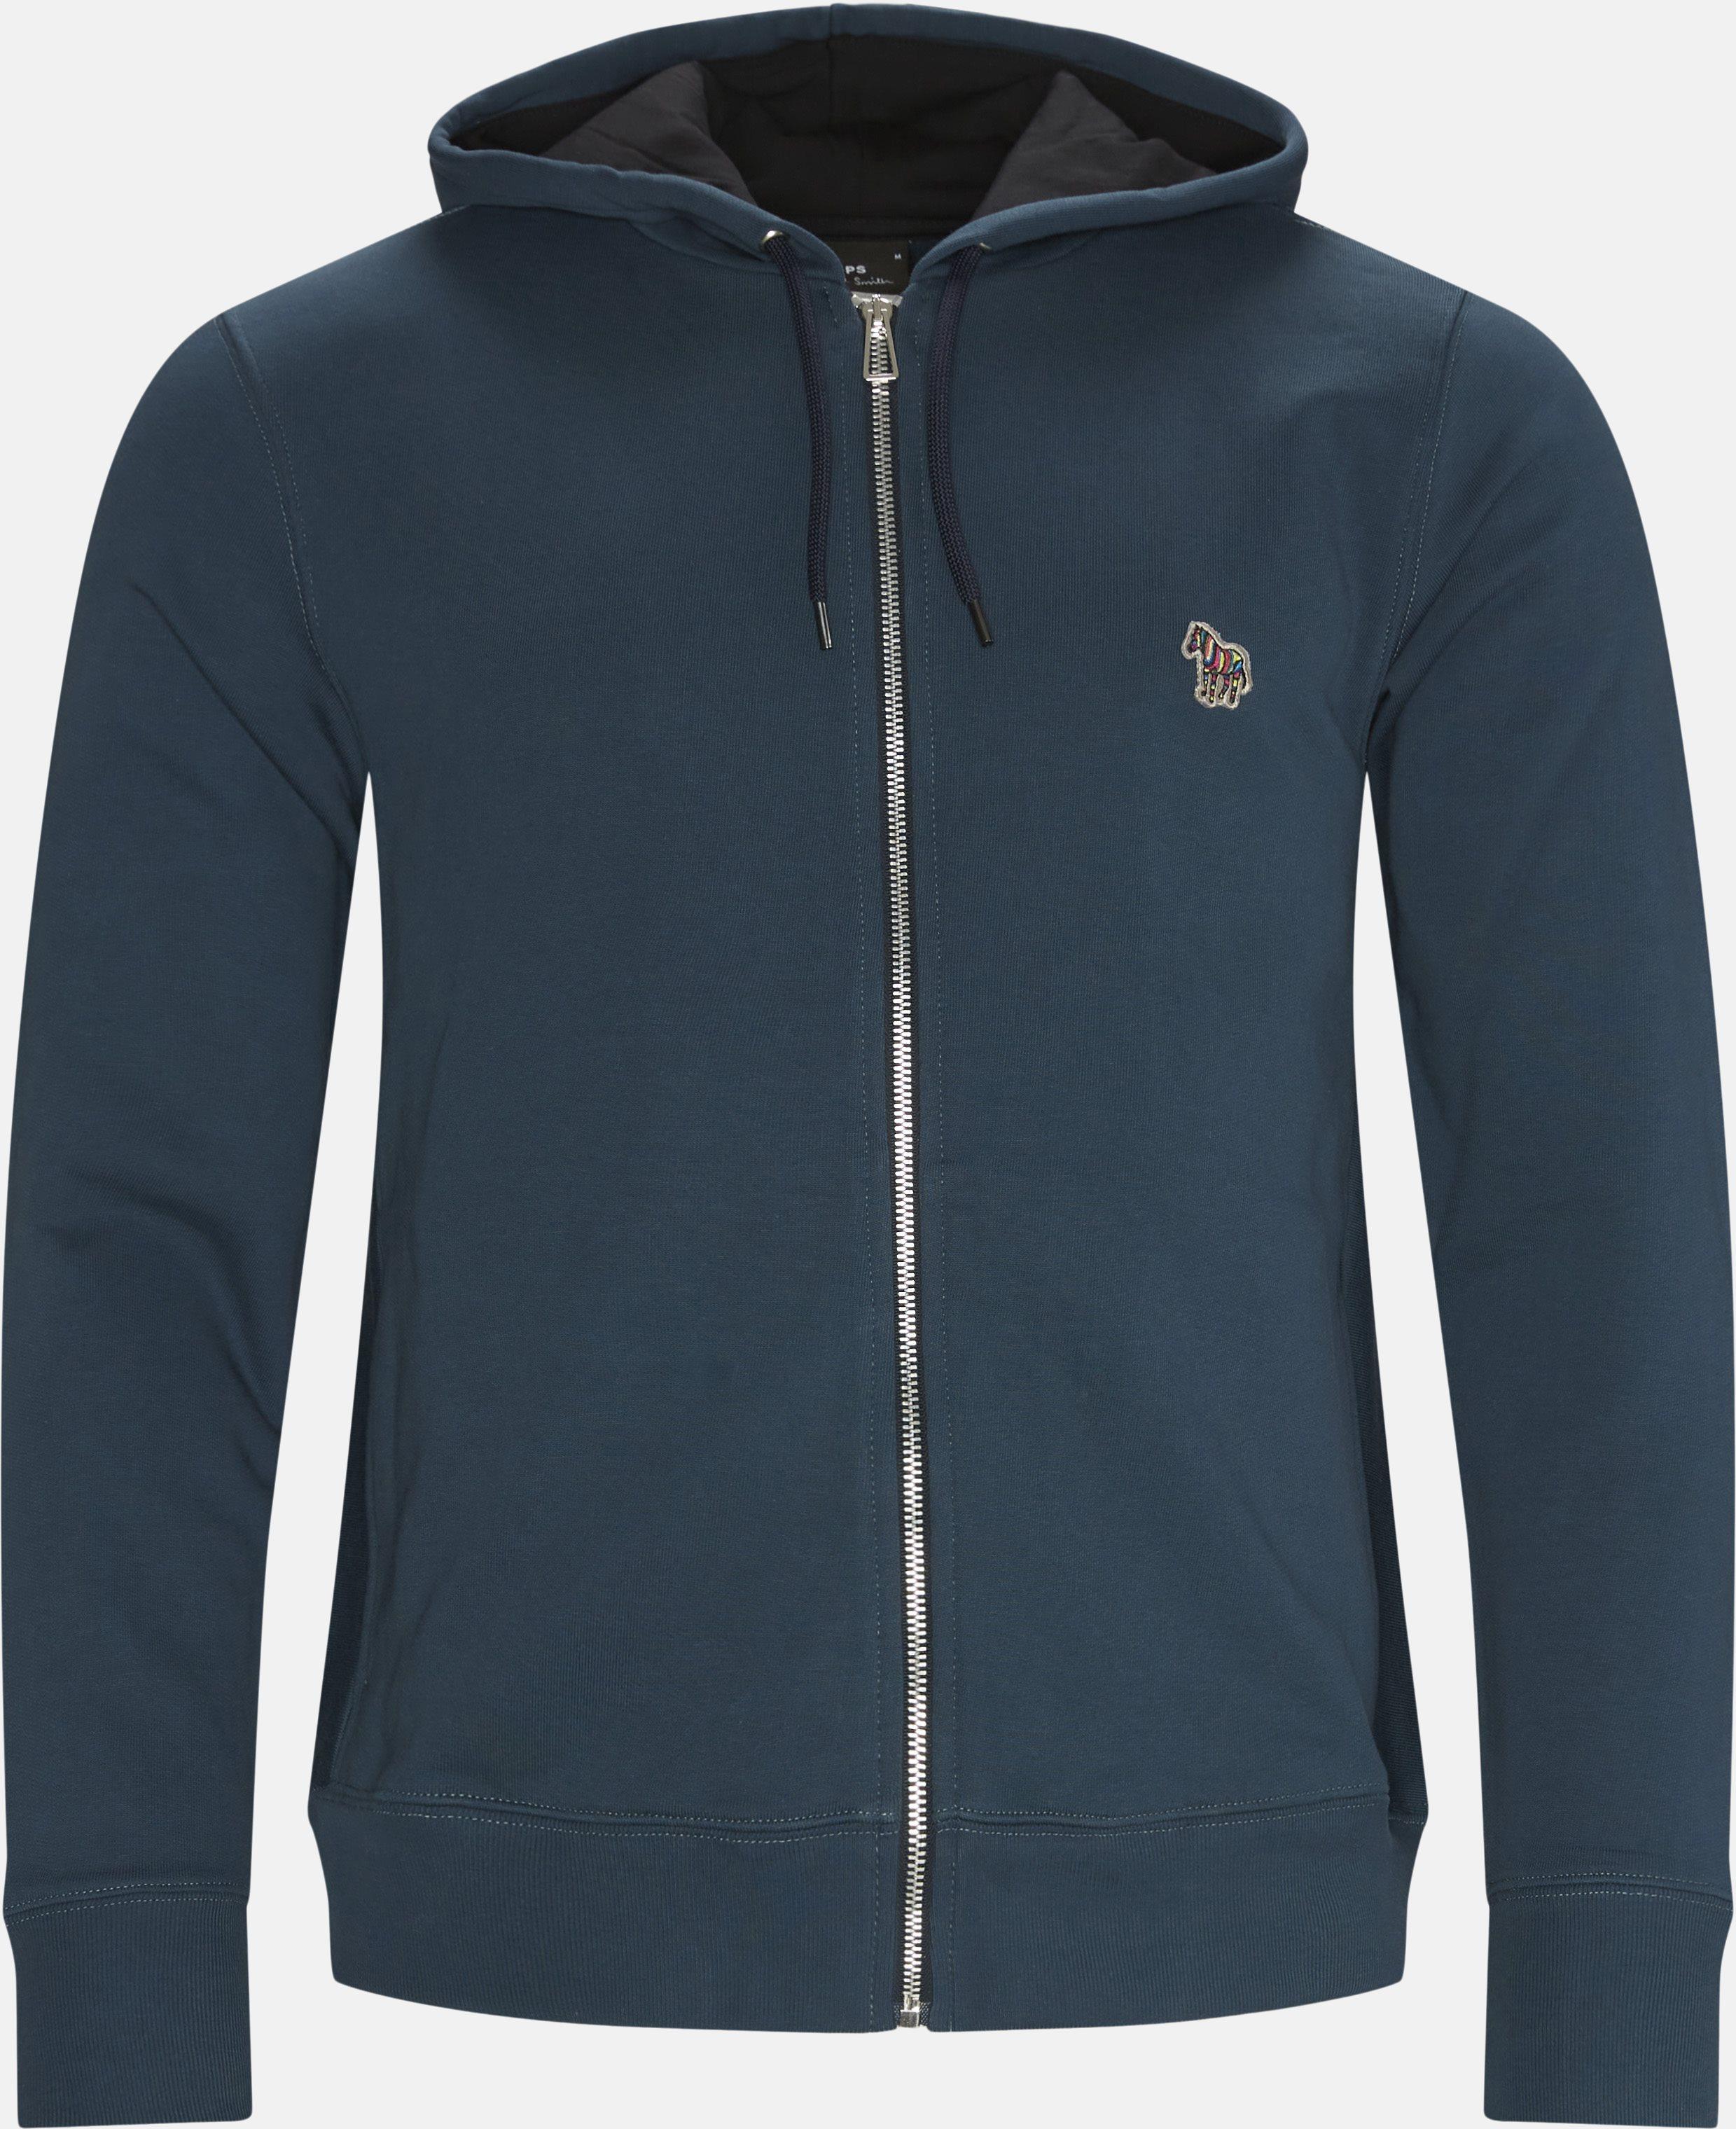 Reg Zip Hoodie - Sweatshirts - Regular fit - Blå